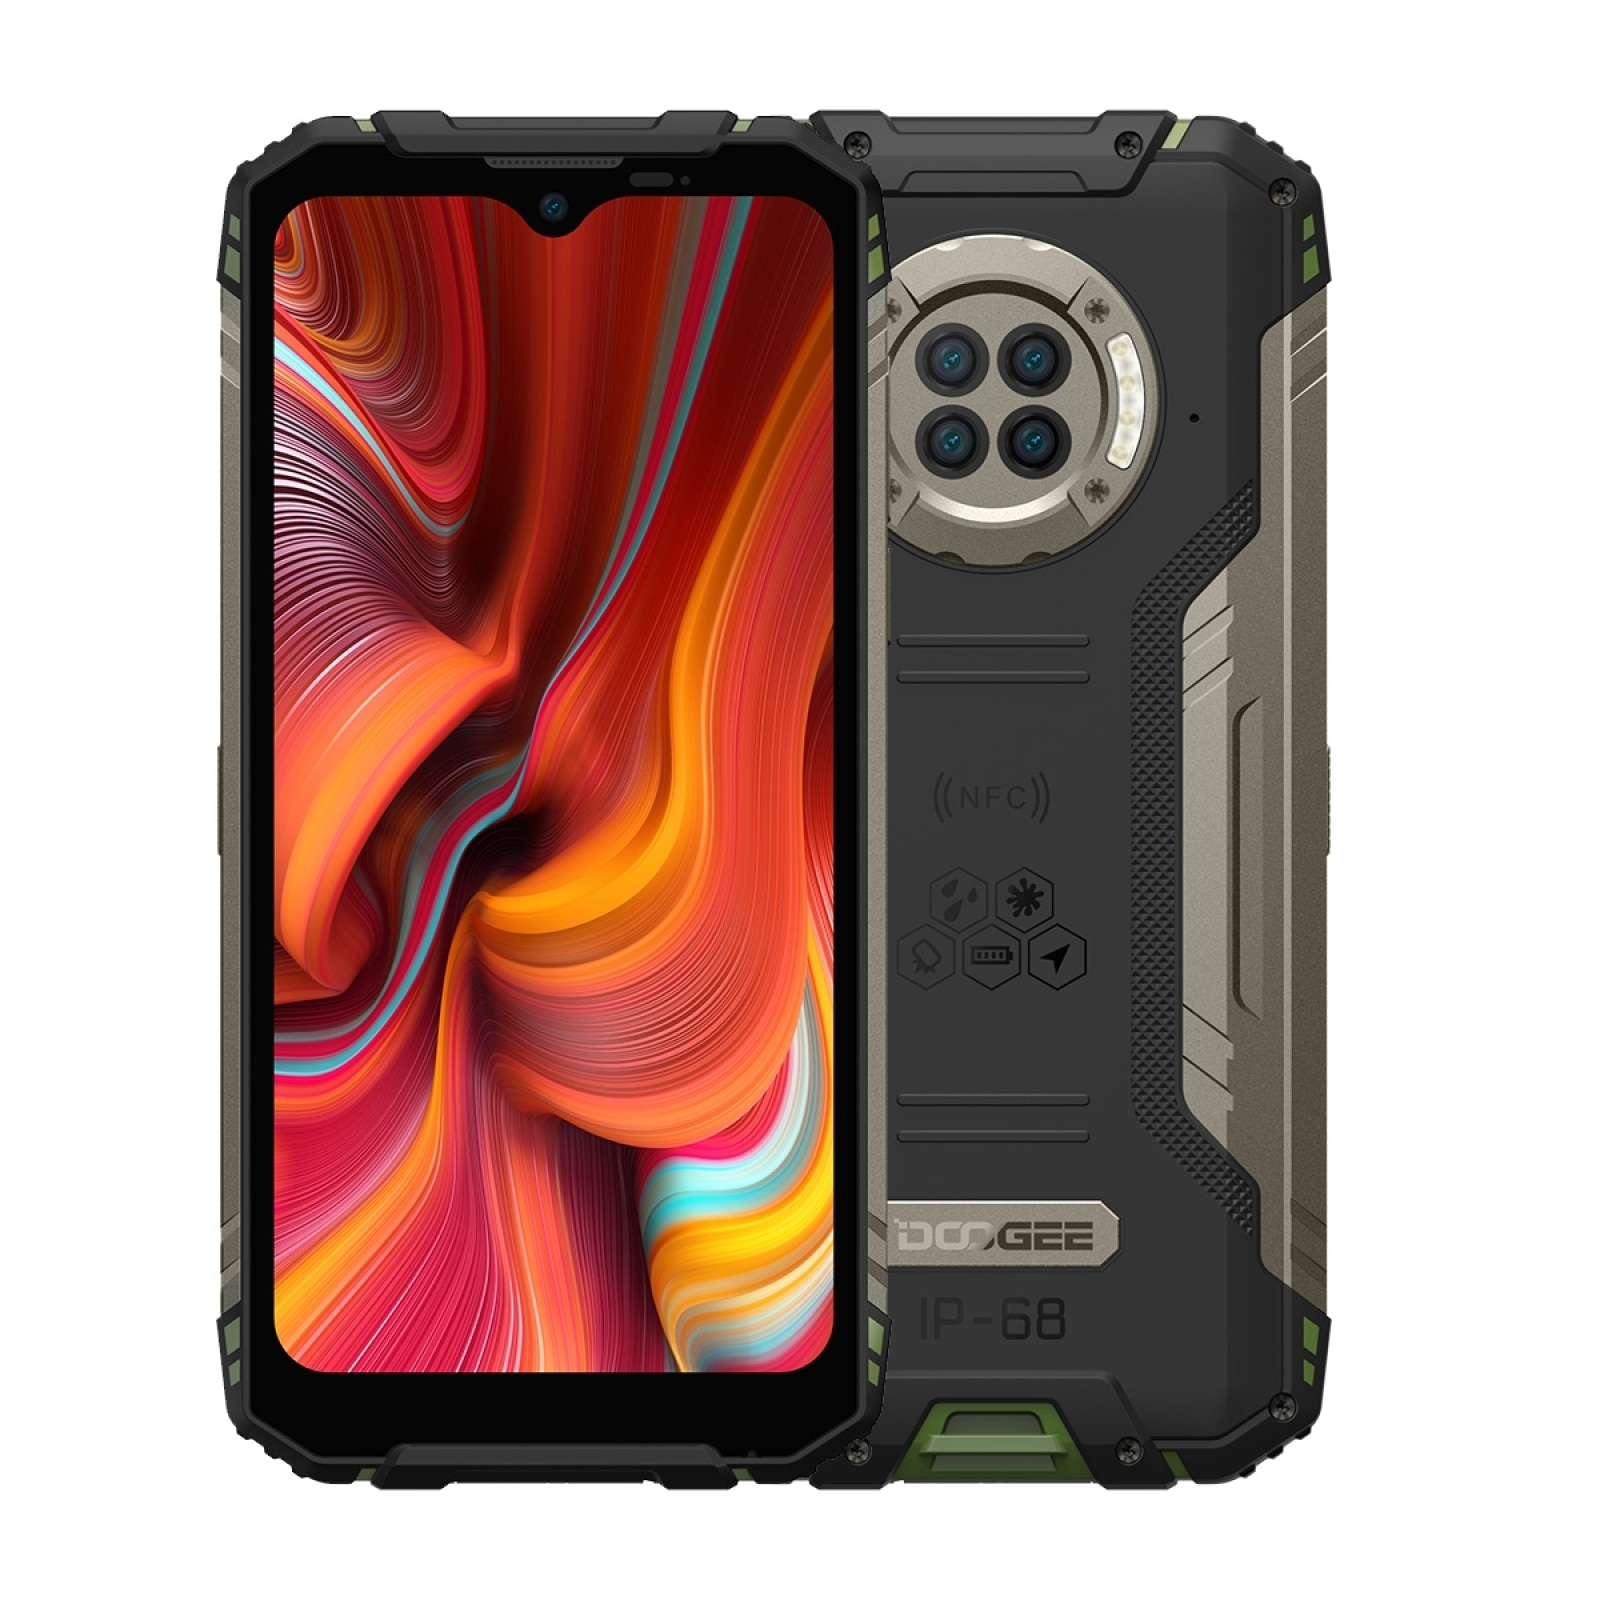 Перейти на Алиэкспресс и купить Смартфон DOOGEE S96 Pro защищенный, Android 10, Helio G90, 8 + 128 ГБ, 6,22 дюйма, 48 МП, 6350 мАч